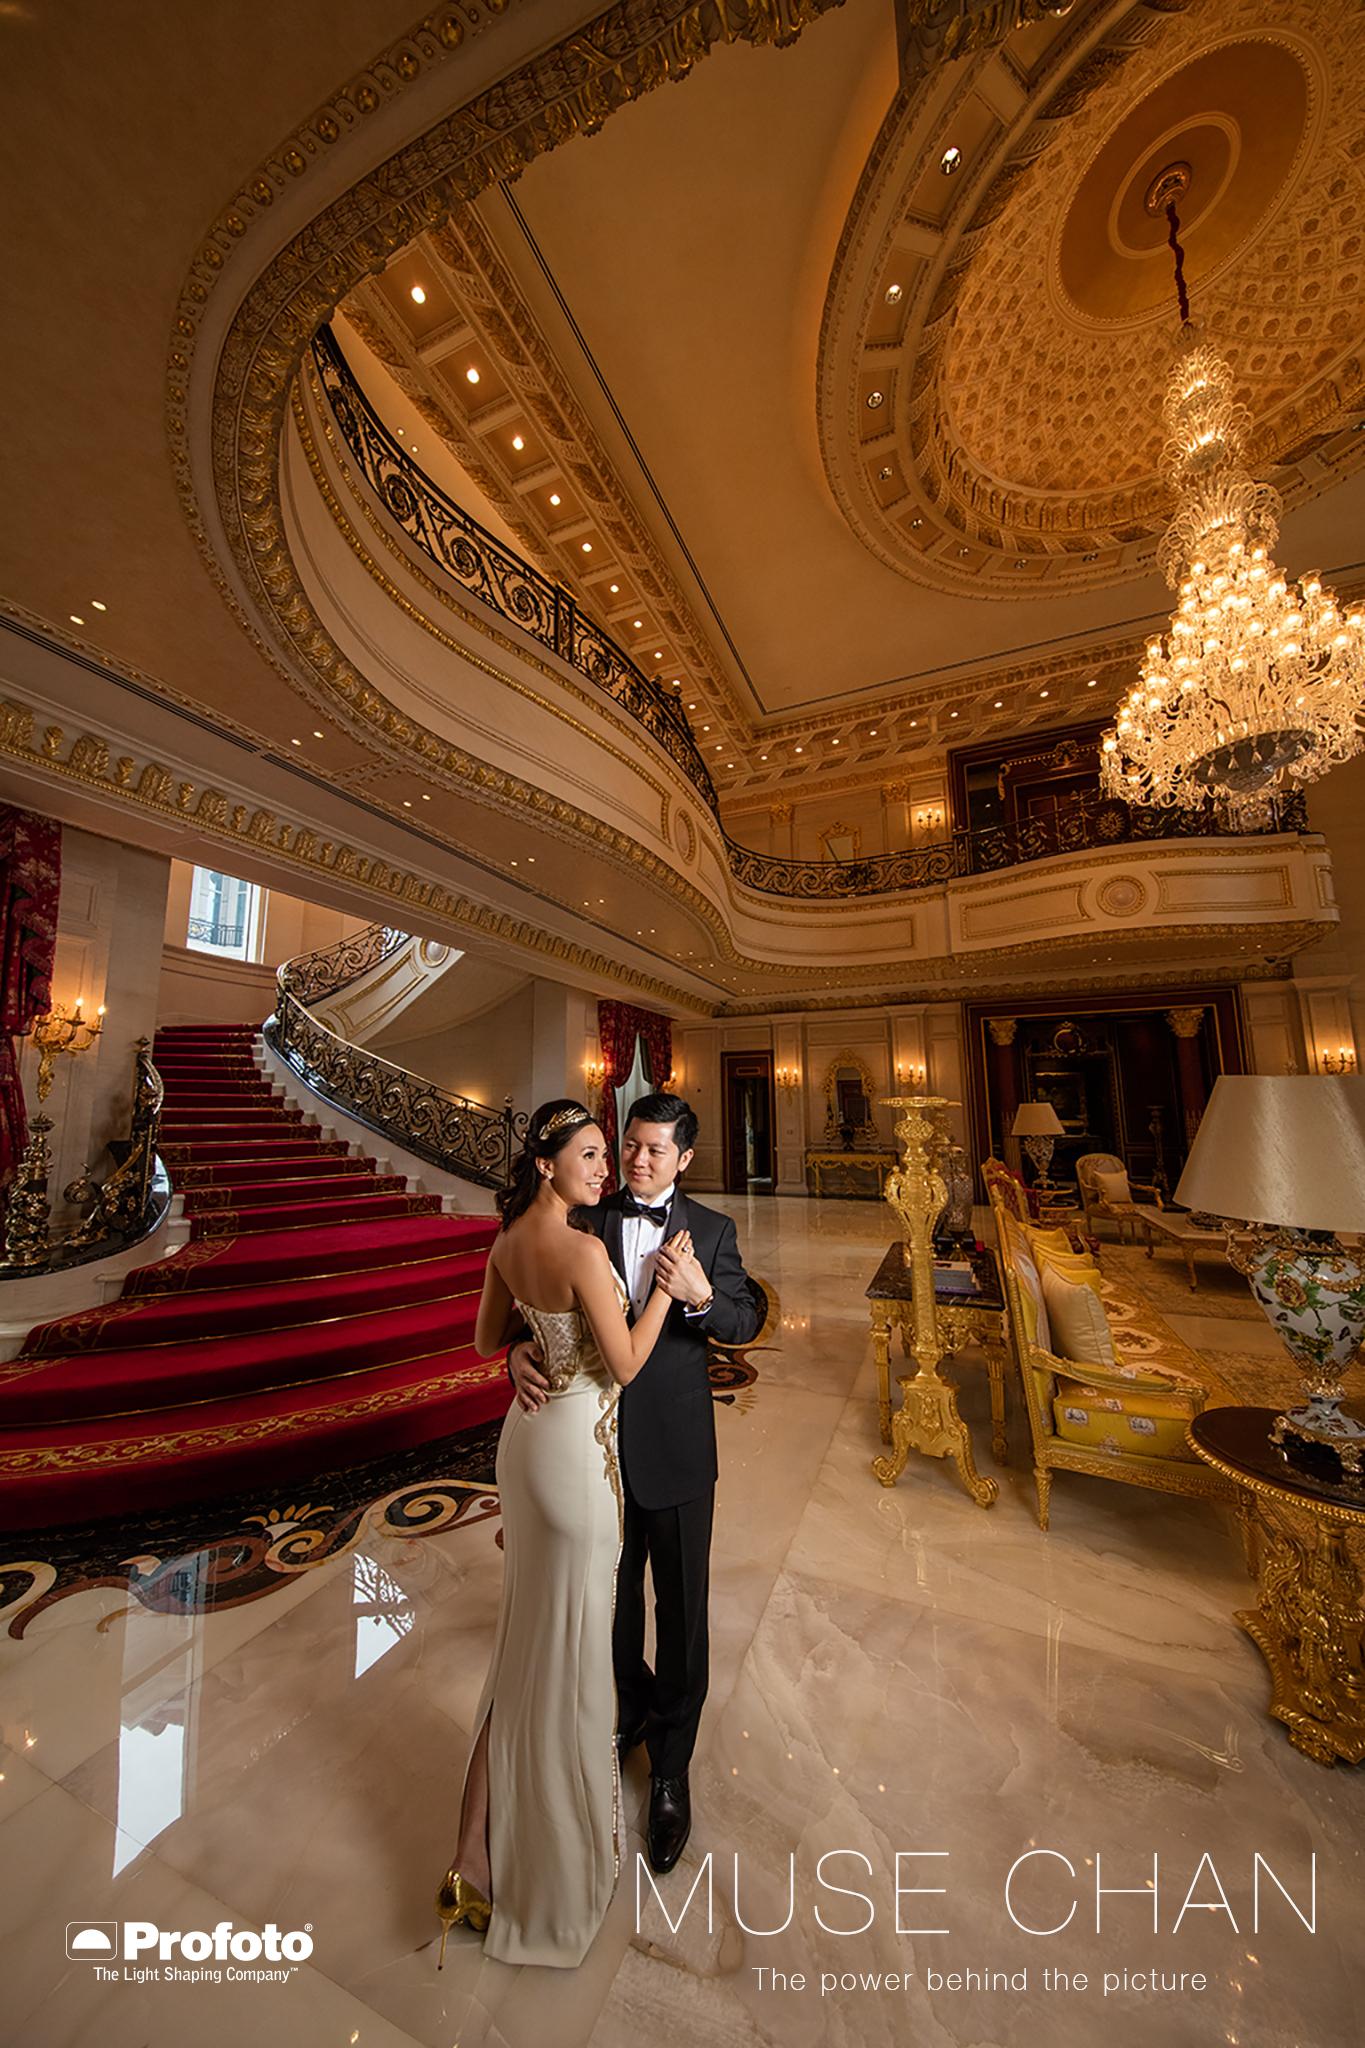 Leakhena 家中的大廳設計實在非常的美麗,用金碧輝煌來形容就最貼切了,我最喜歡便是那條長長的樓梯呢!